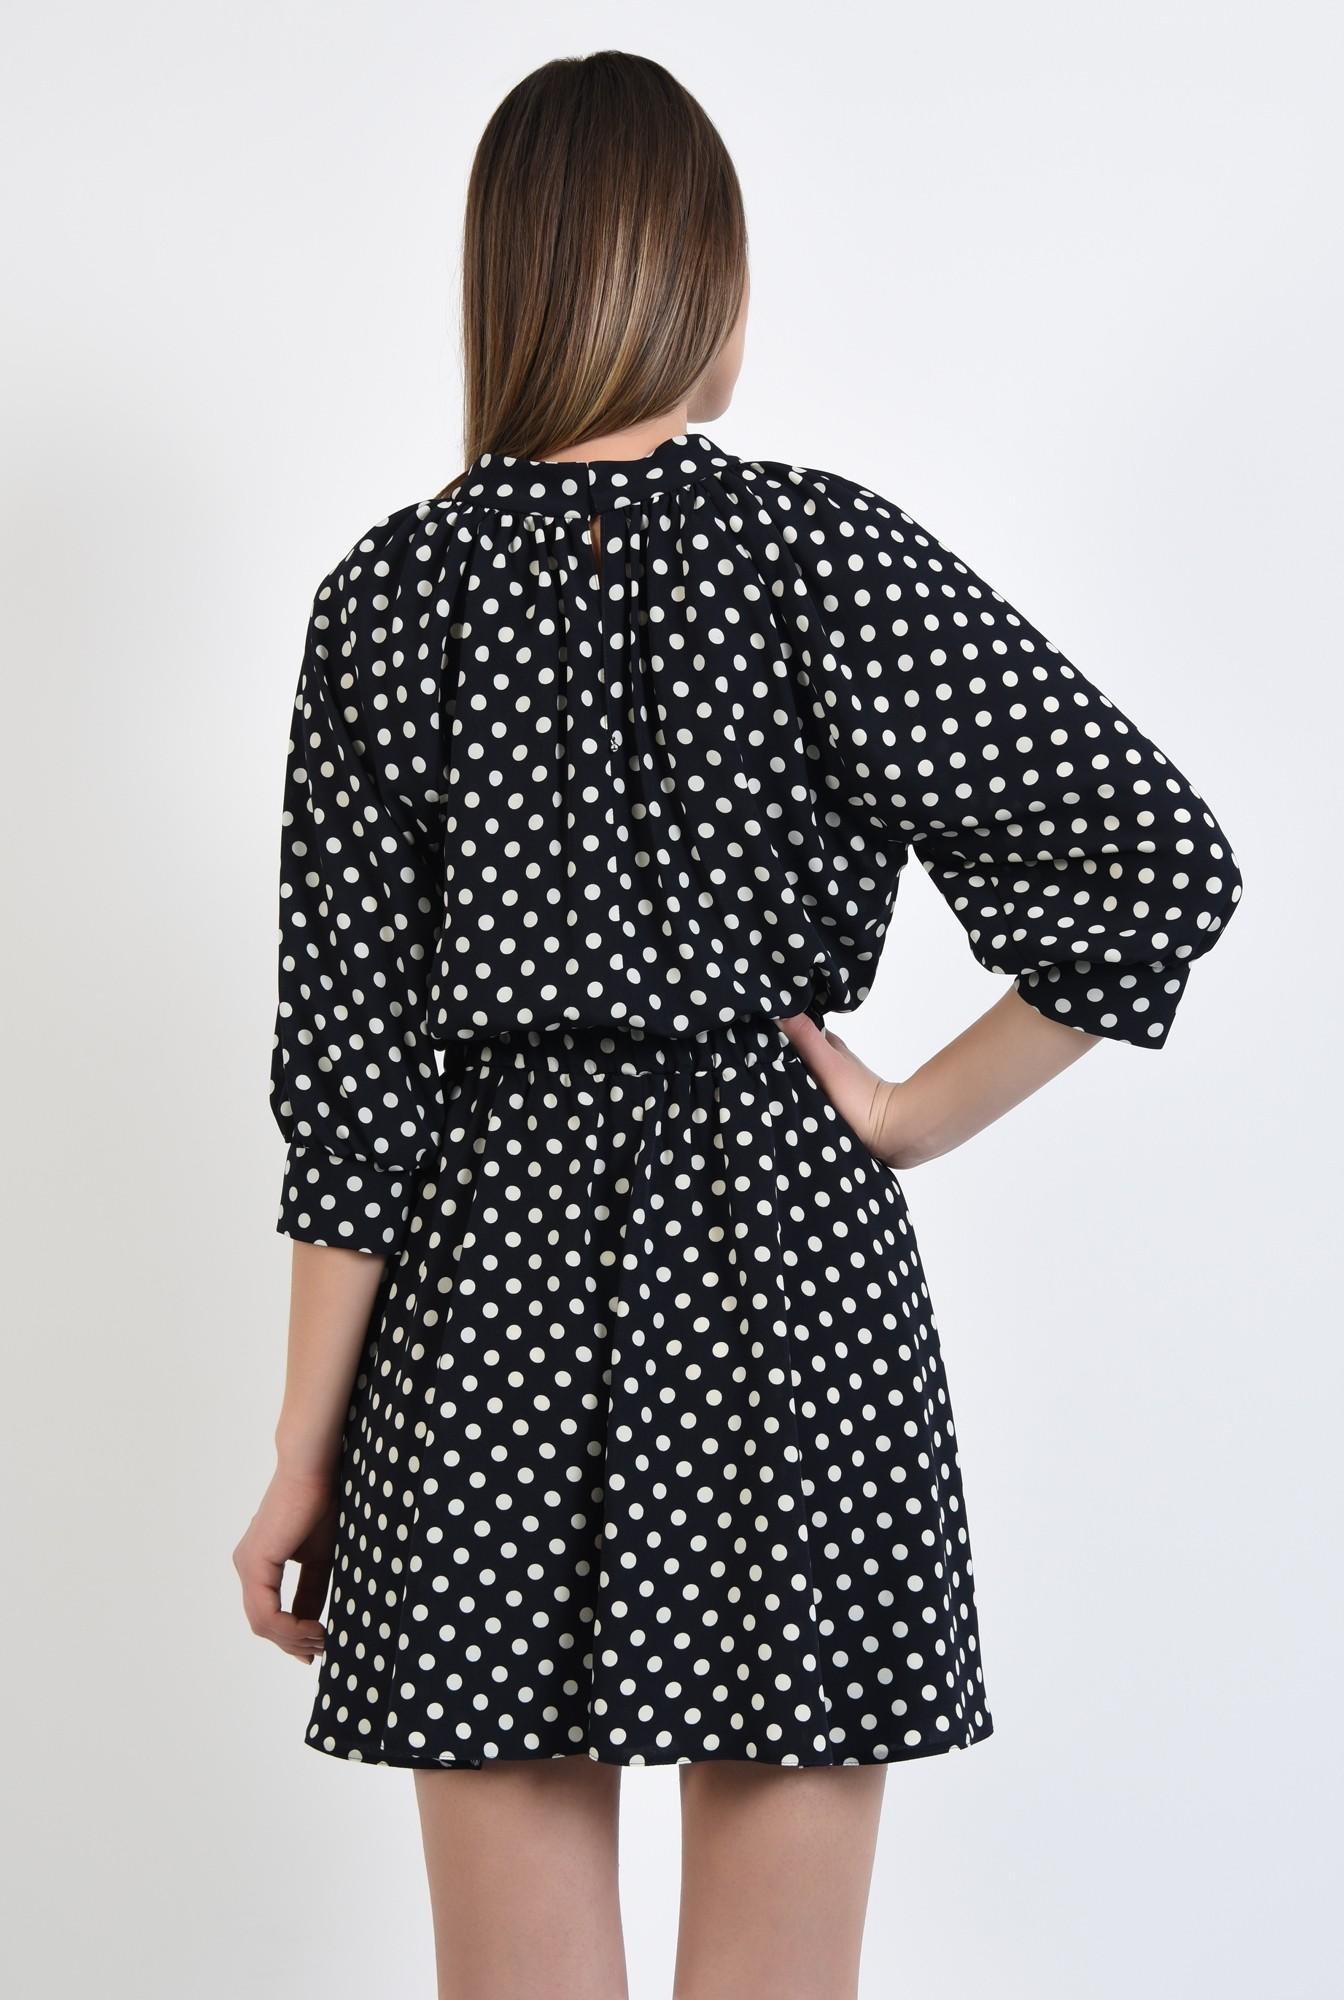 1 - rochie cu imprimeu, casual, mini, buline albe, drapata la guler